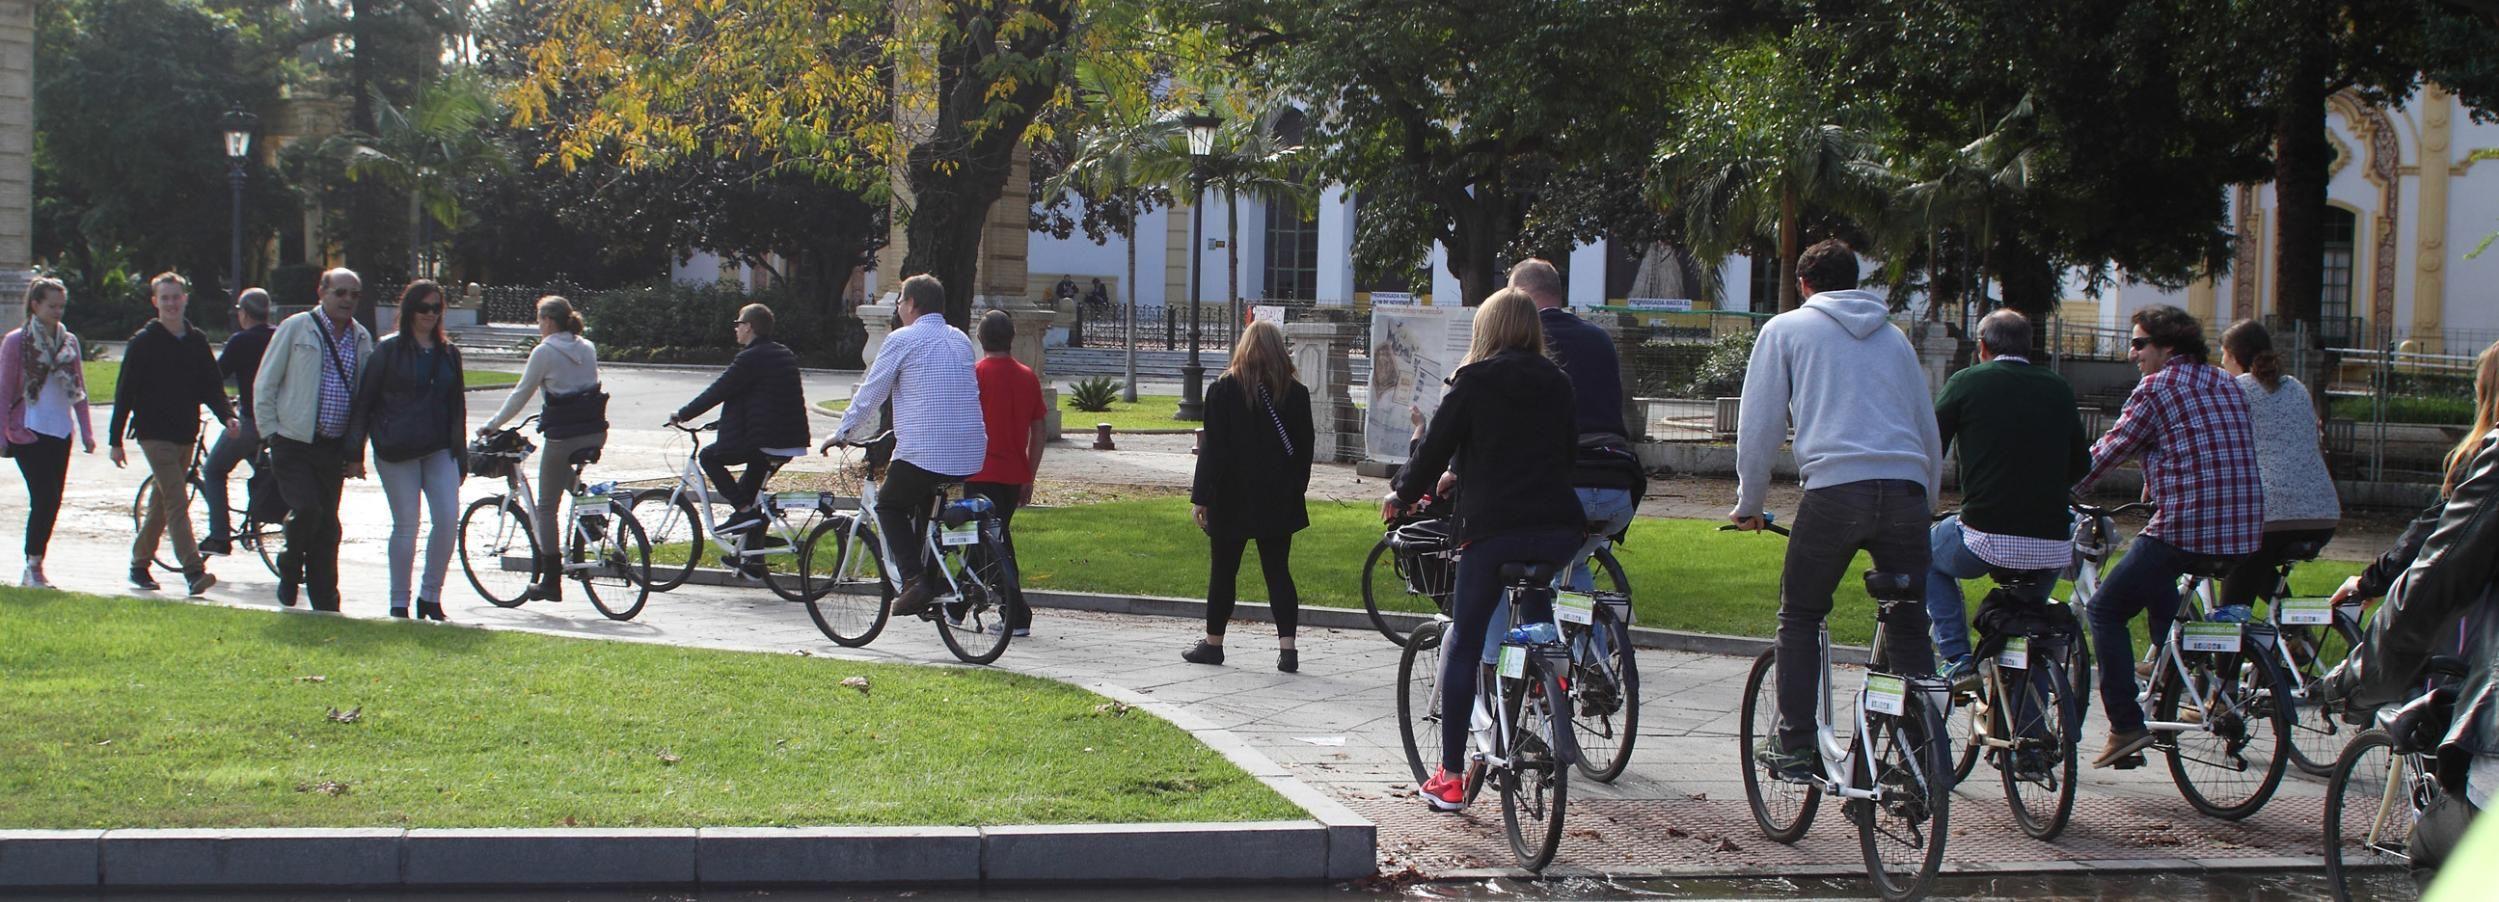 Séville: Tour d'Italica de 4 heures